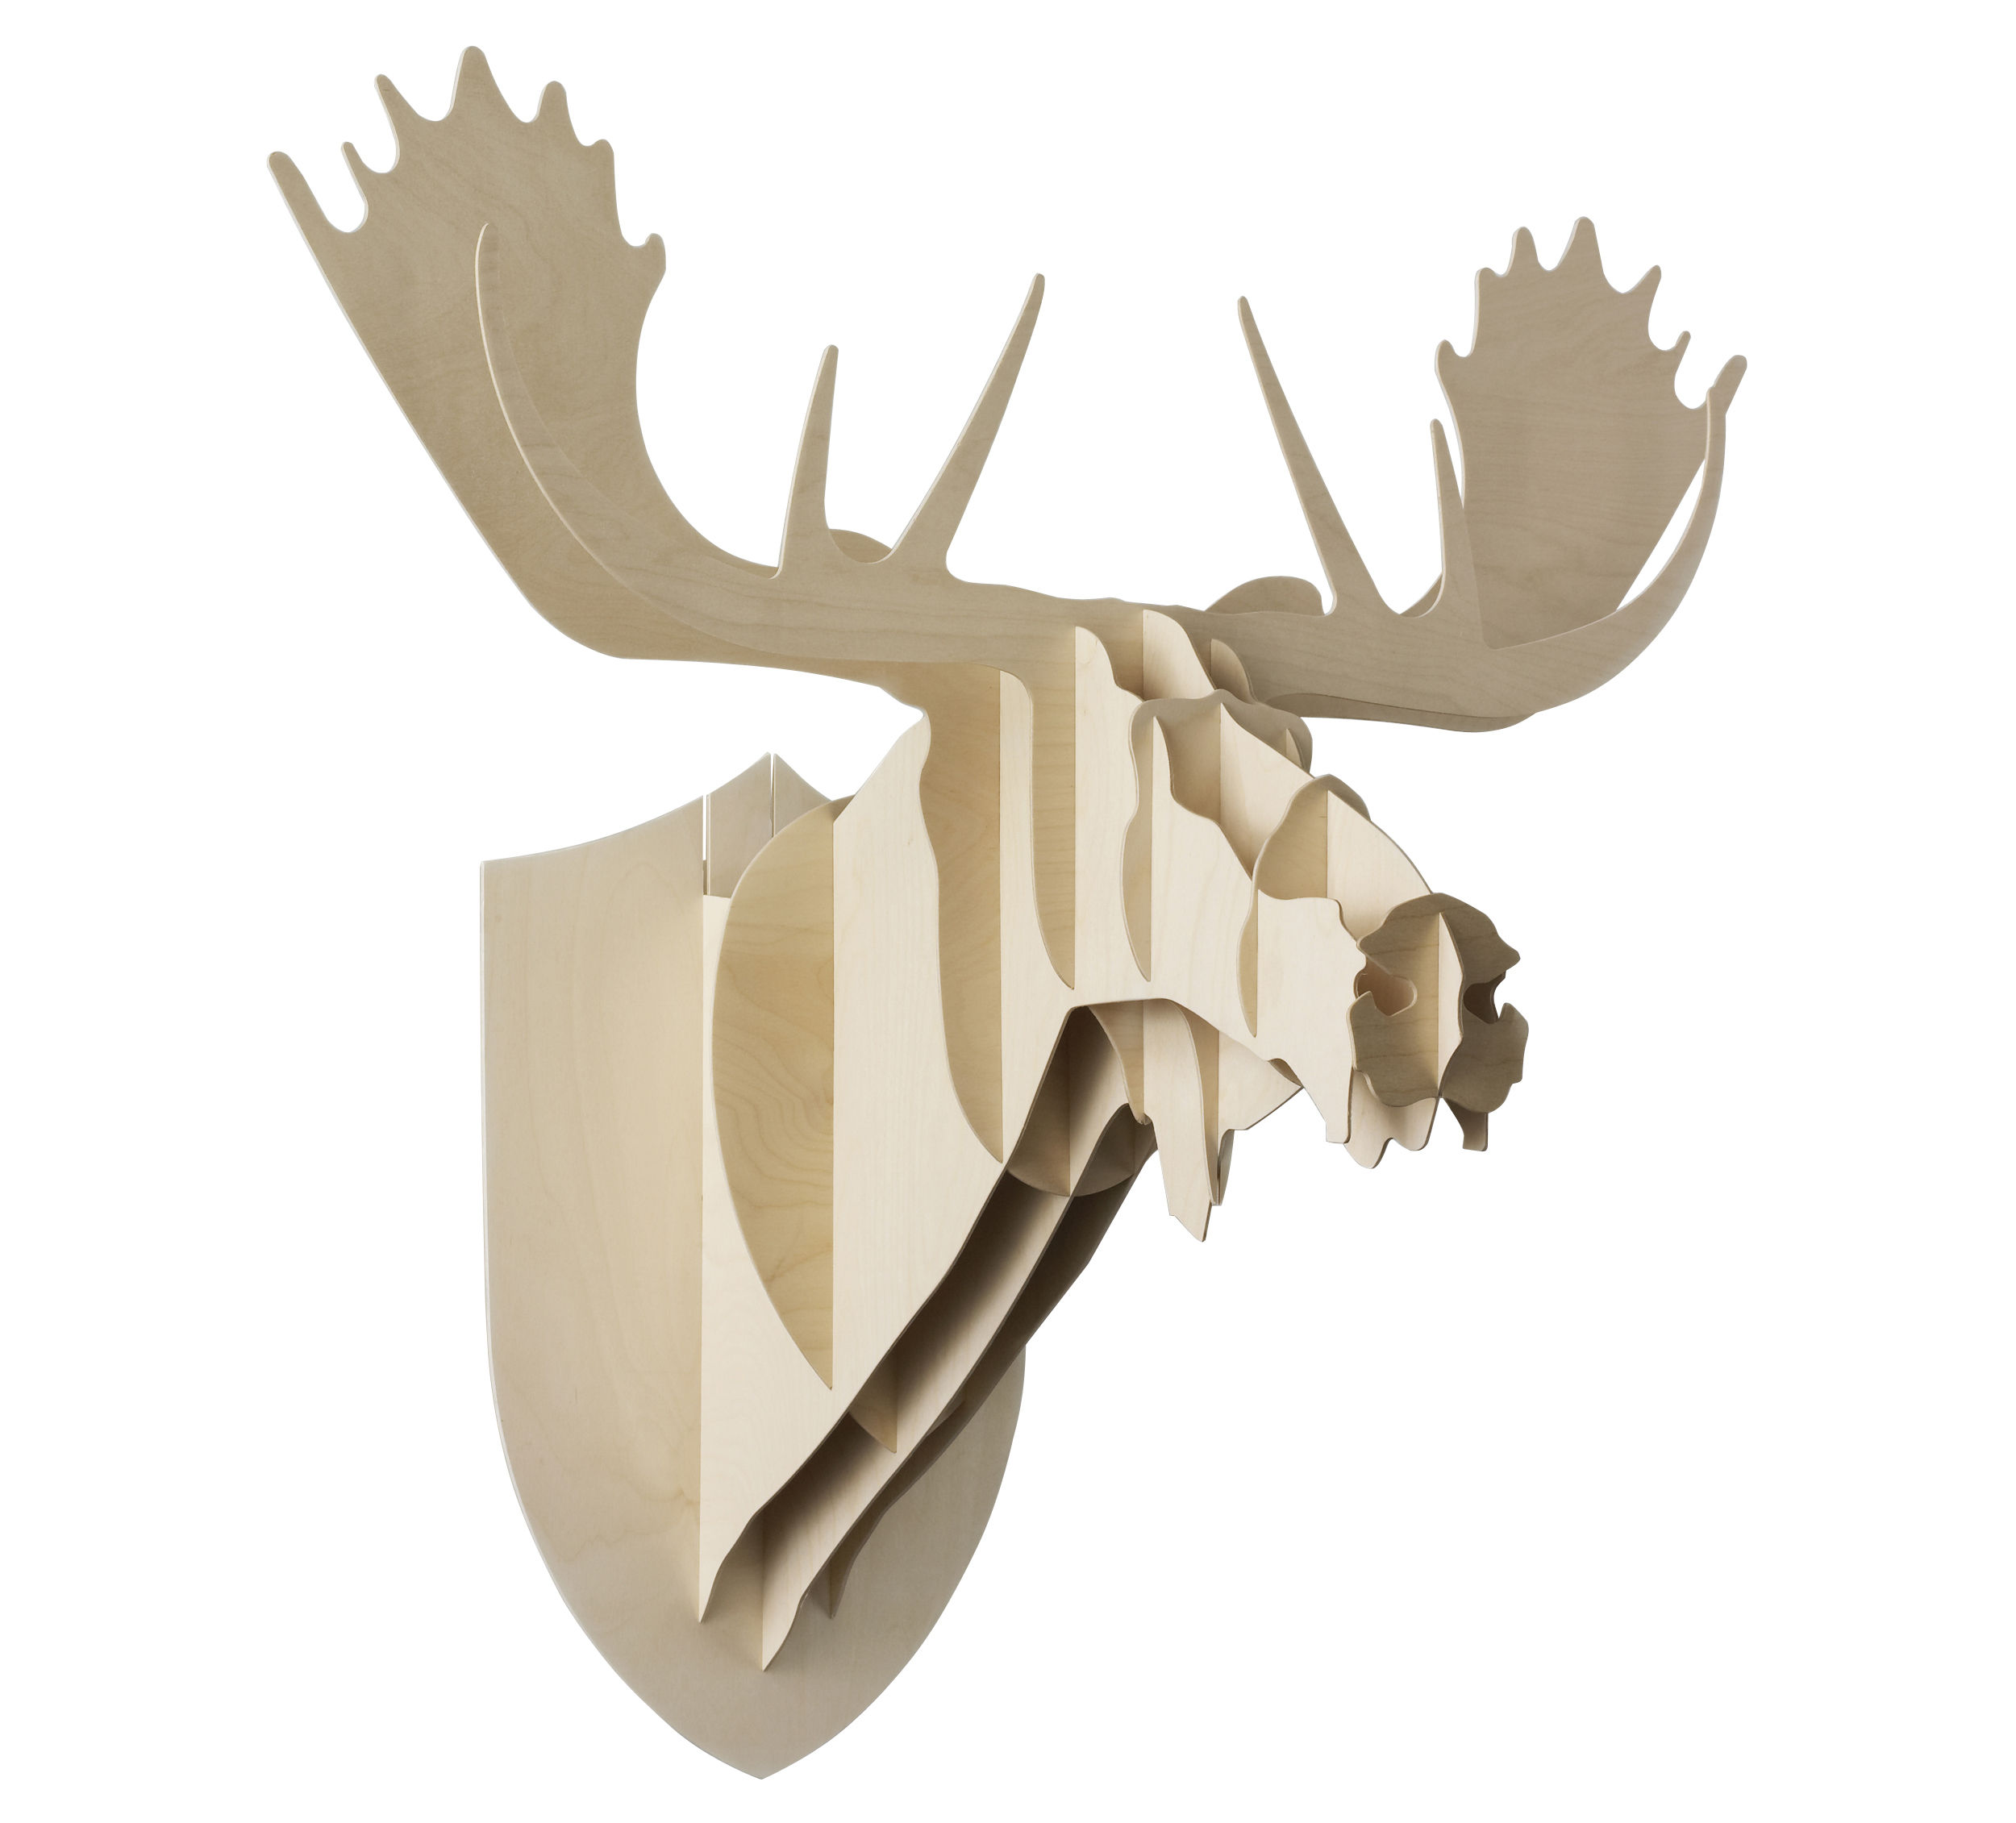 Dekoration - Spaßig und ausgefallen - Trophäe H 86 cm - Moustache - H 86 cm - Holz natur - Birkenholzfurnier